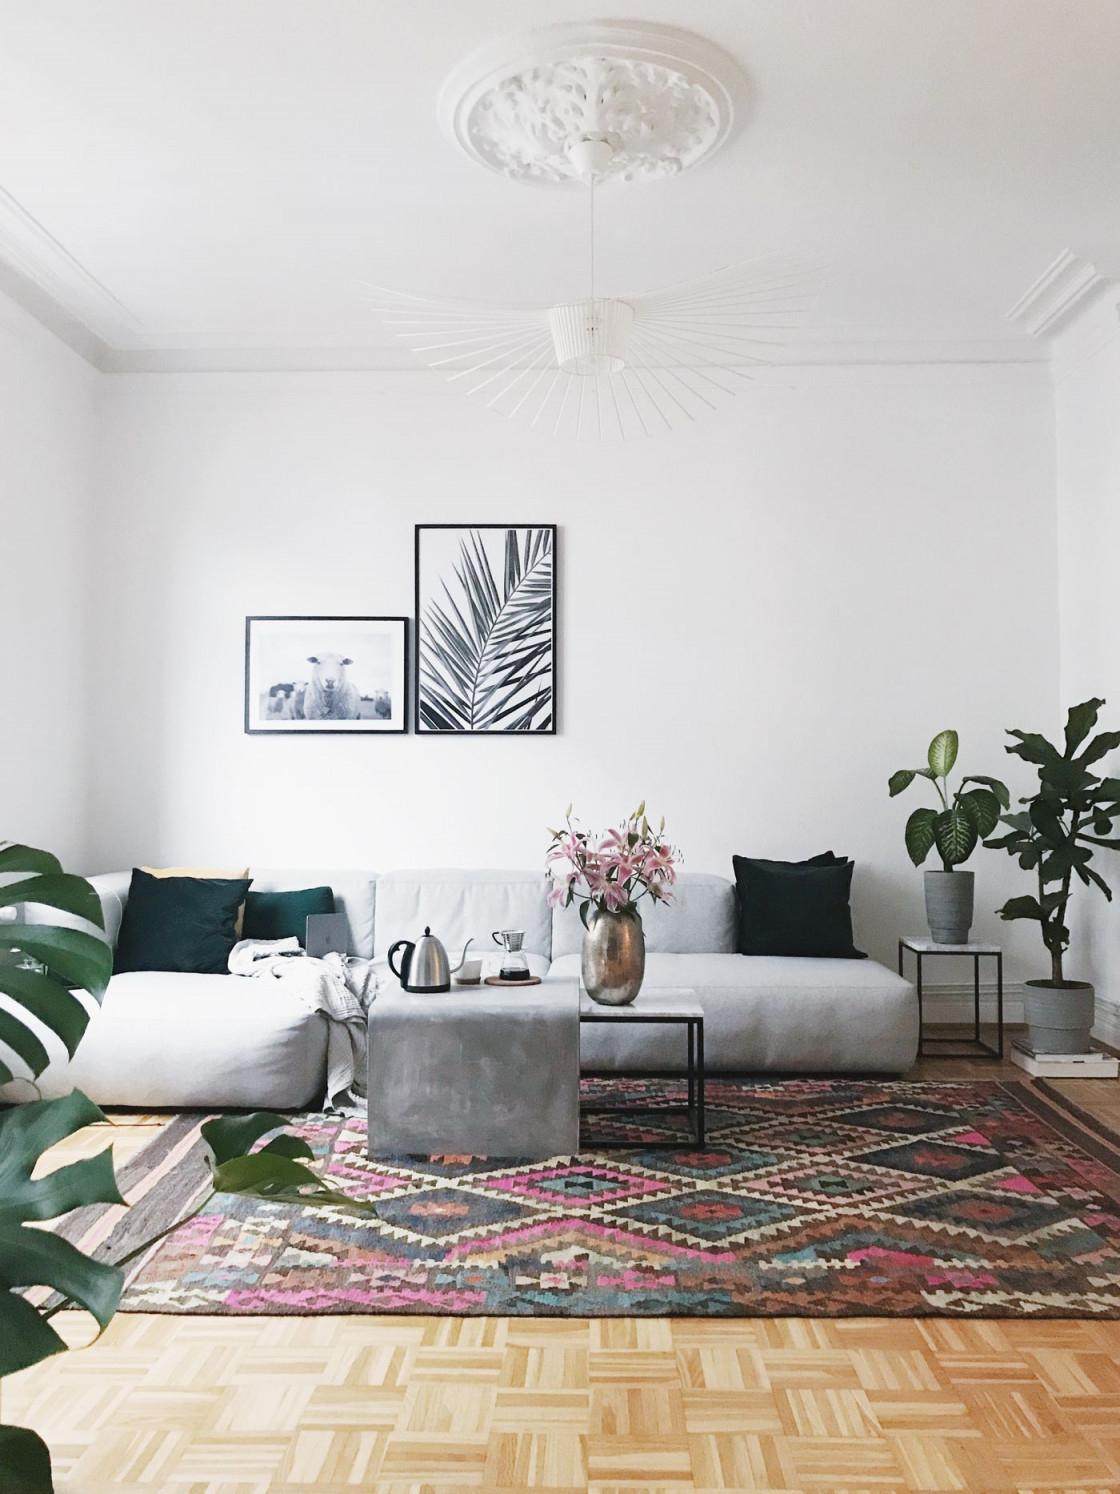 Die Schönsten Wohnzimmer Deko Ideen von Bilder Dekoration Wohnzimmer Bild